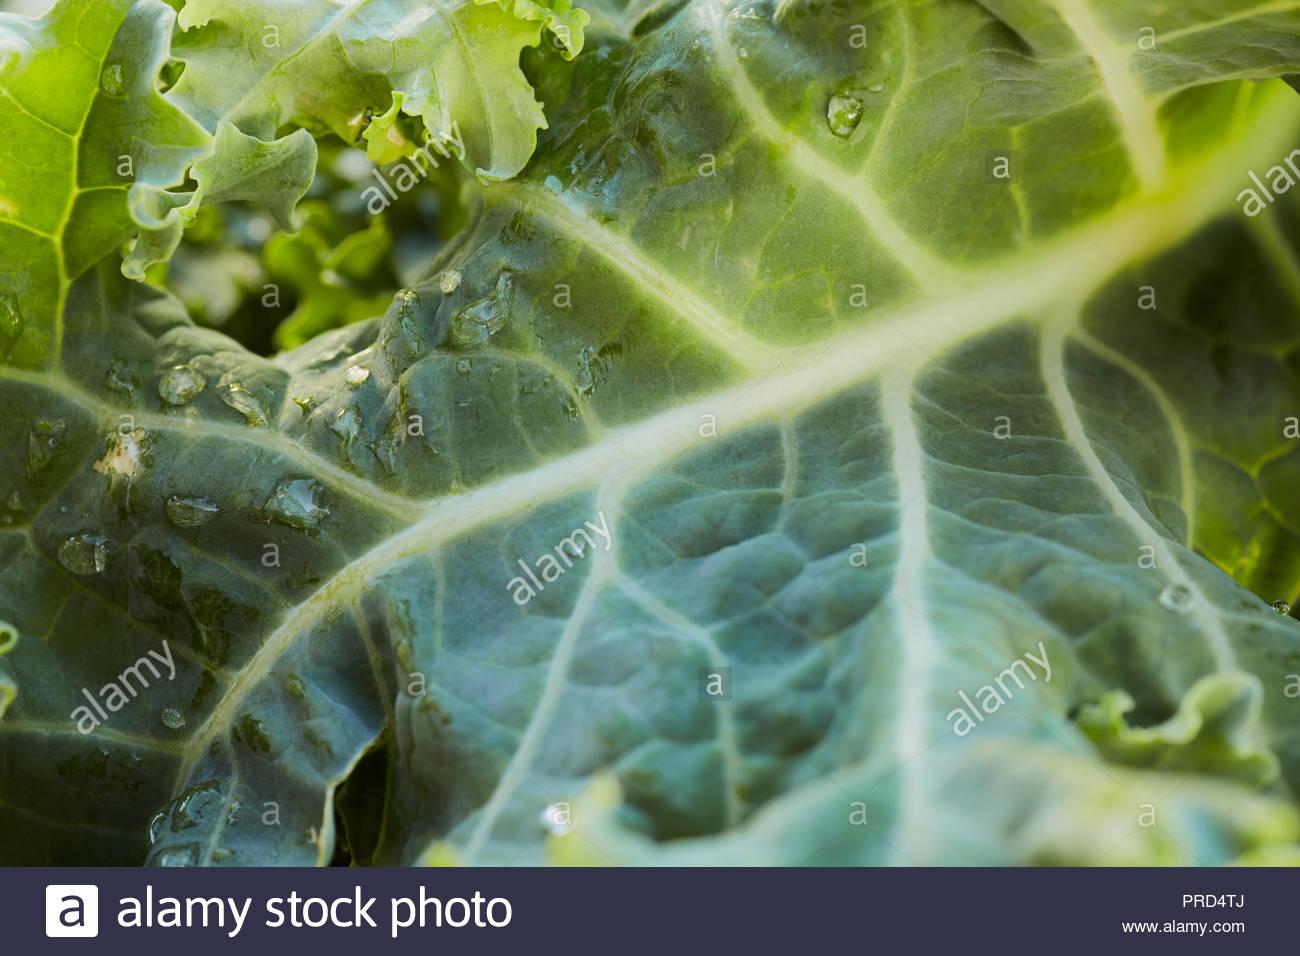 Soir lumière brillant à travers une feuille de chou vert avec de l'eau gouttes; macro. Photo Stock